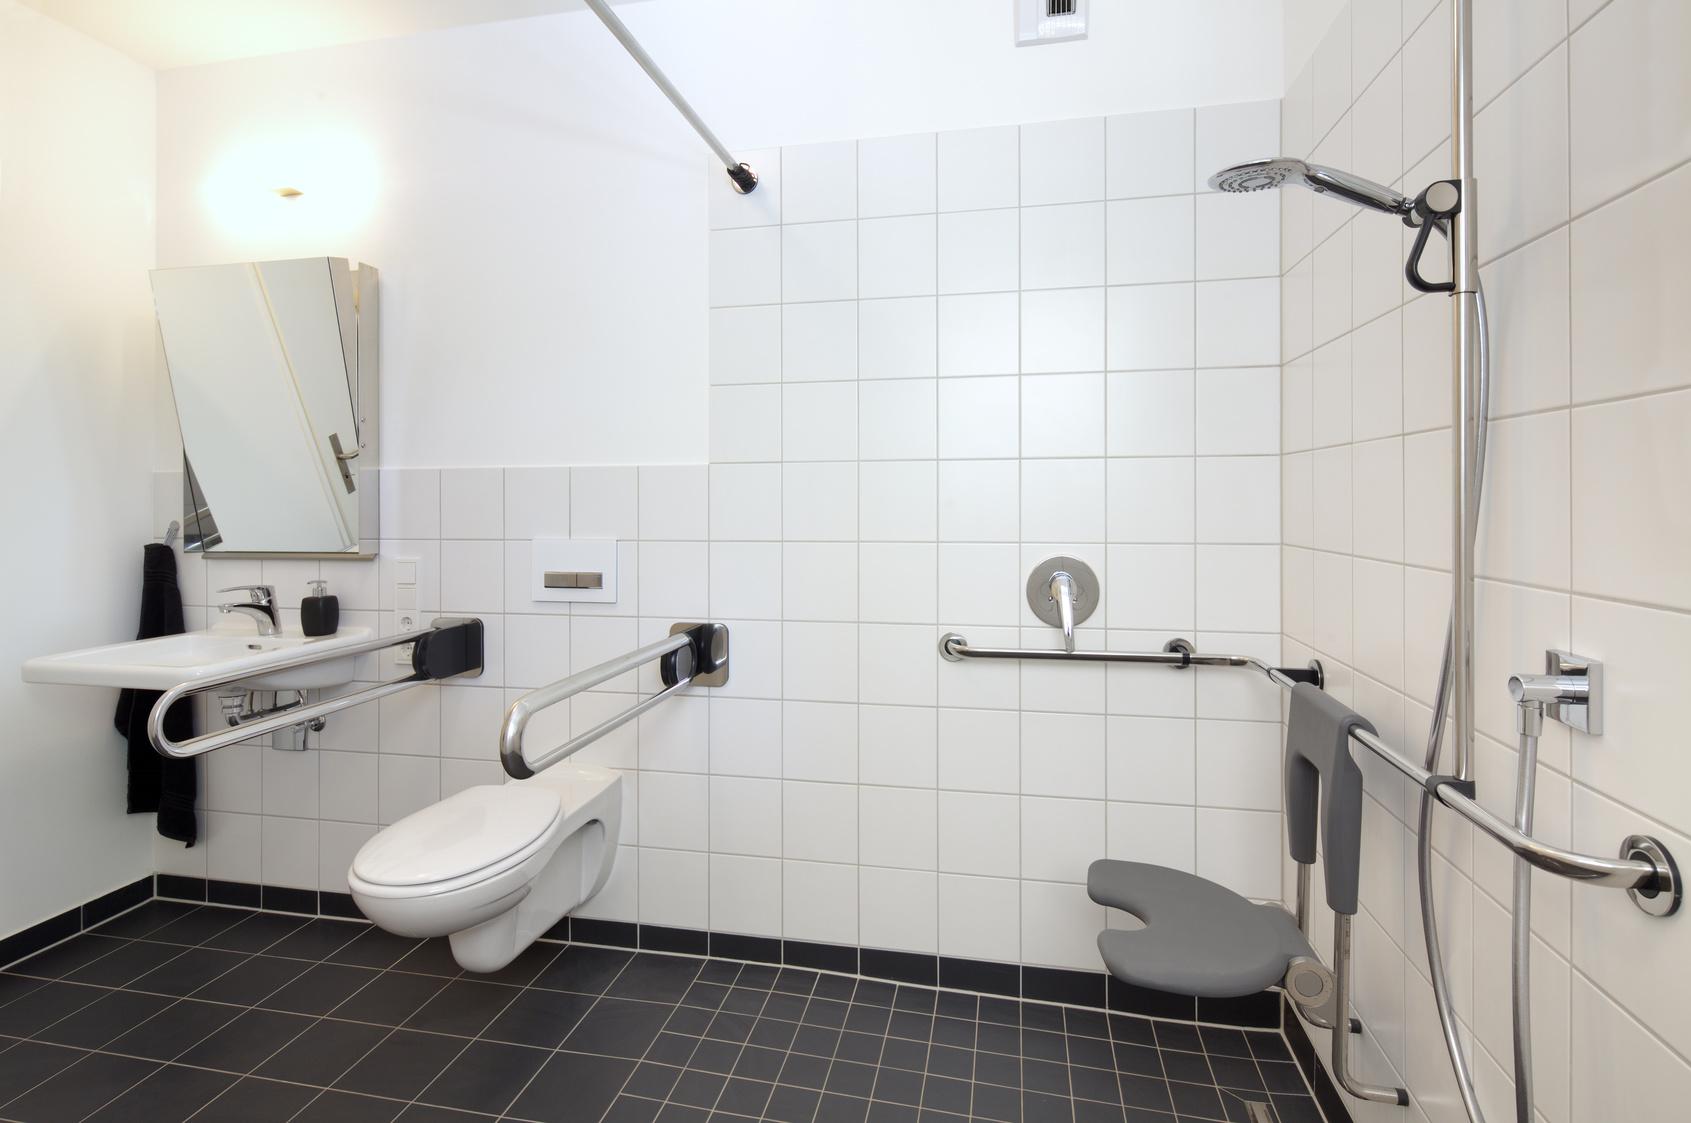 barrierefreie umbauarbeiten barrierefreiheit bedeutet. Black Bedroom Furniture Sets. Home Design Ideas